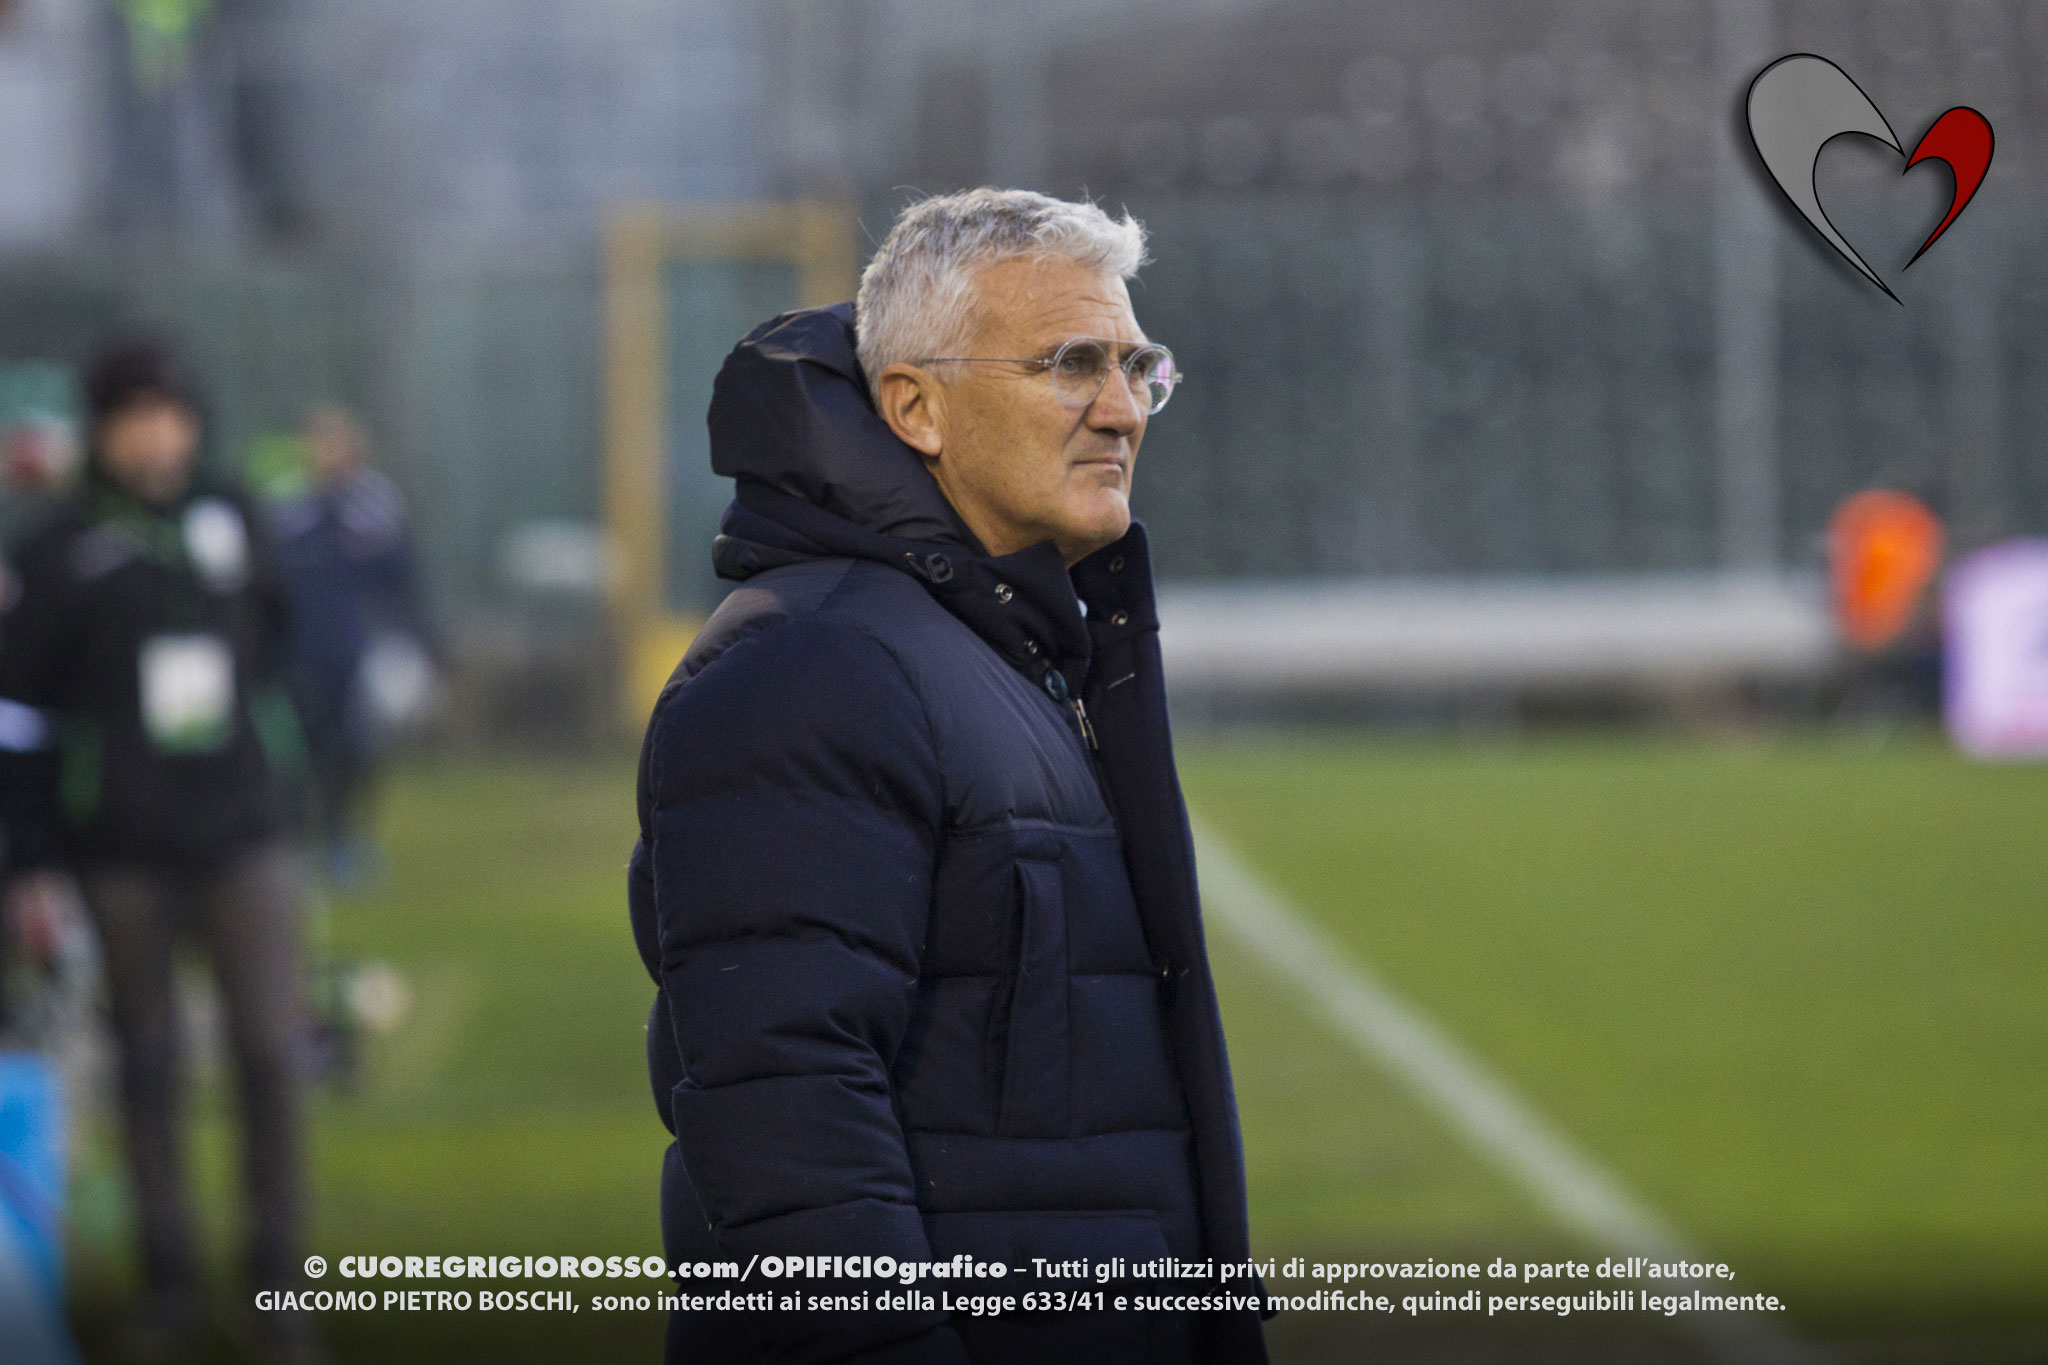 Serie B, nel recupero altra sconfitta per il Cittadella